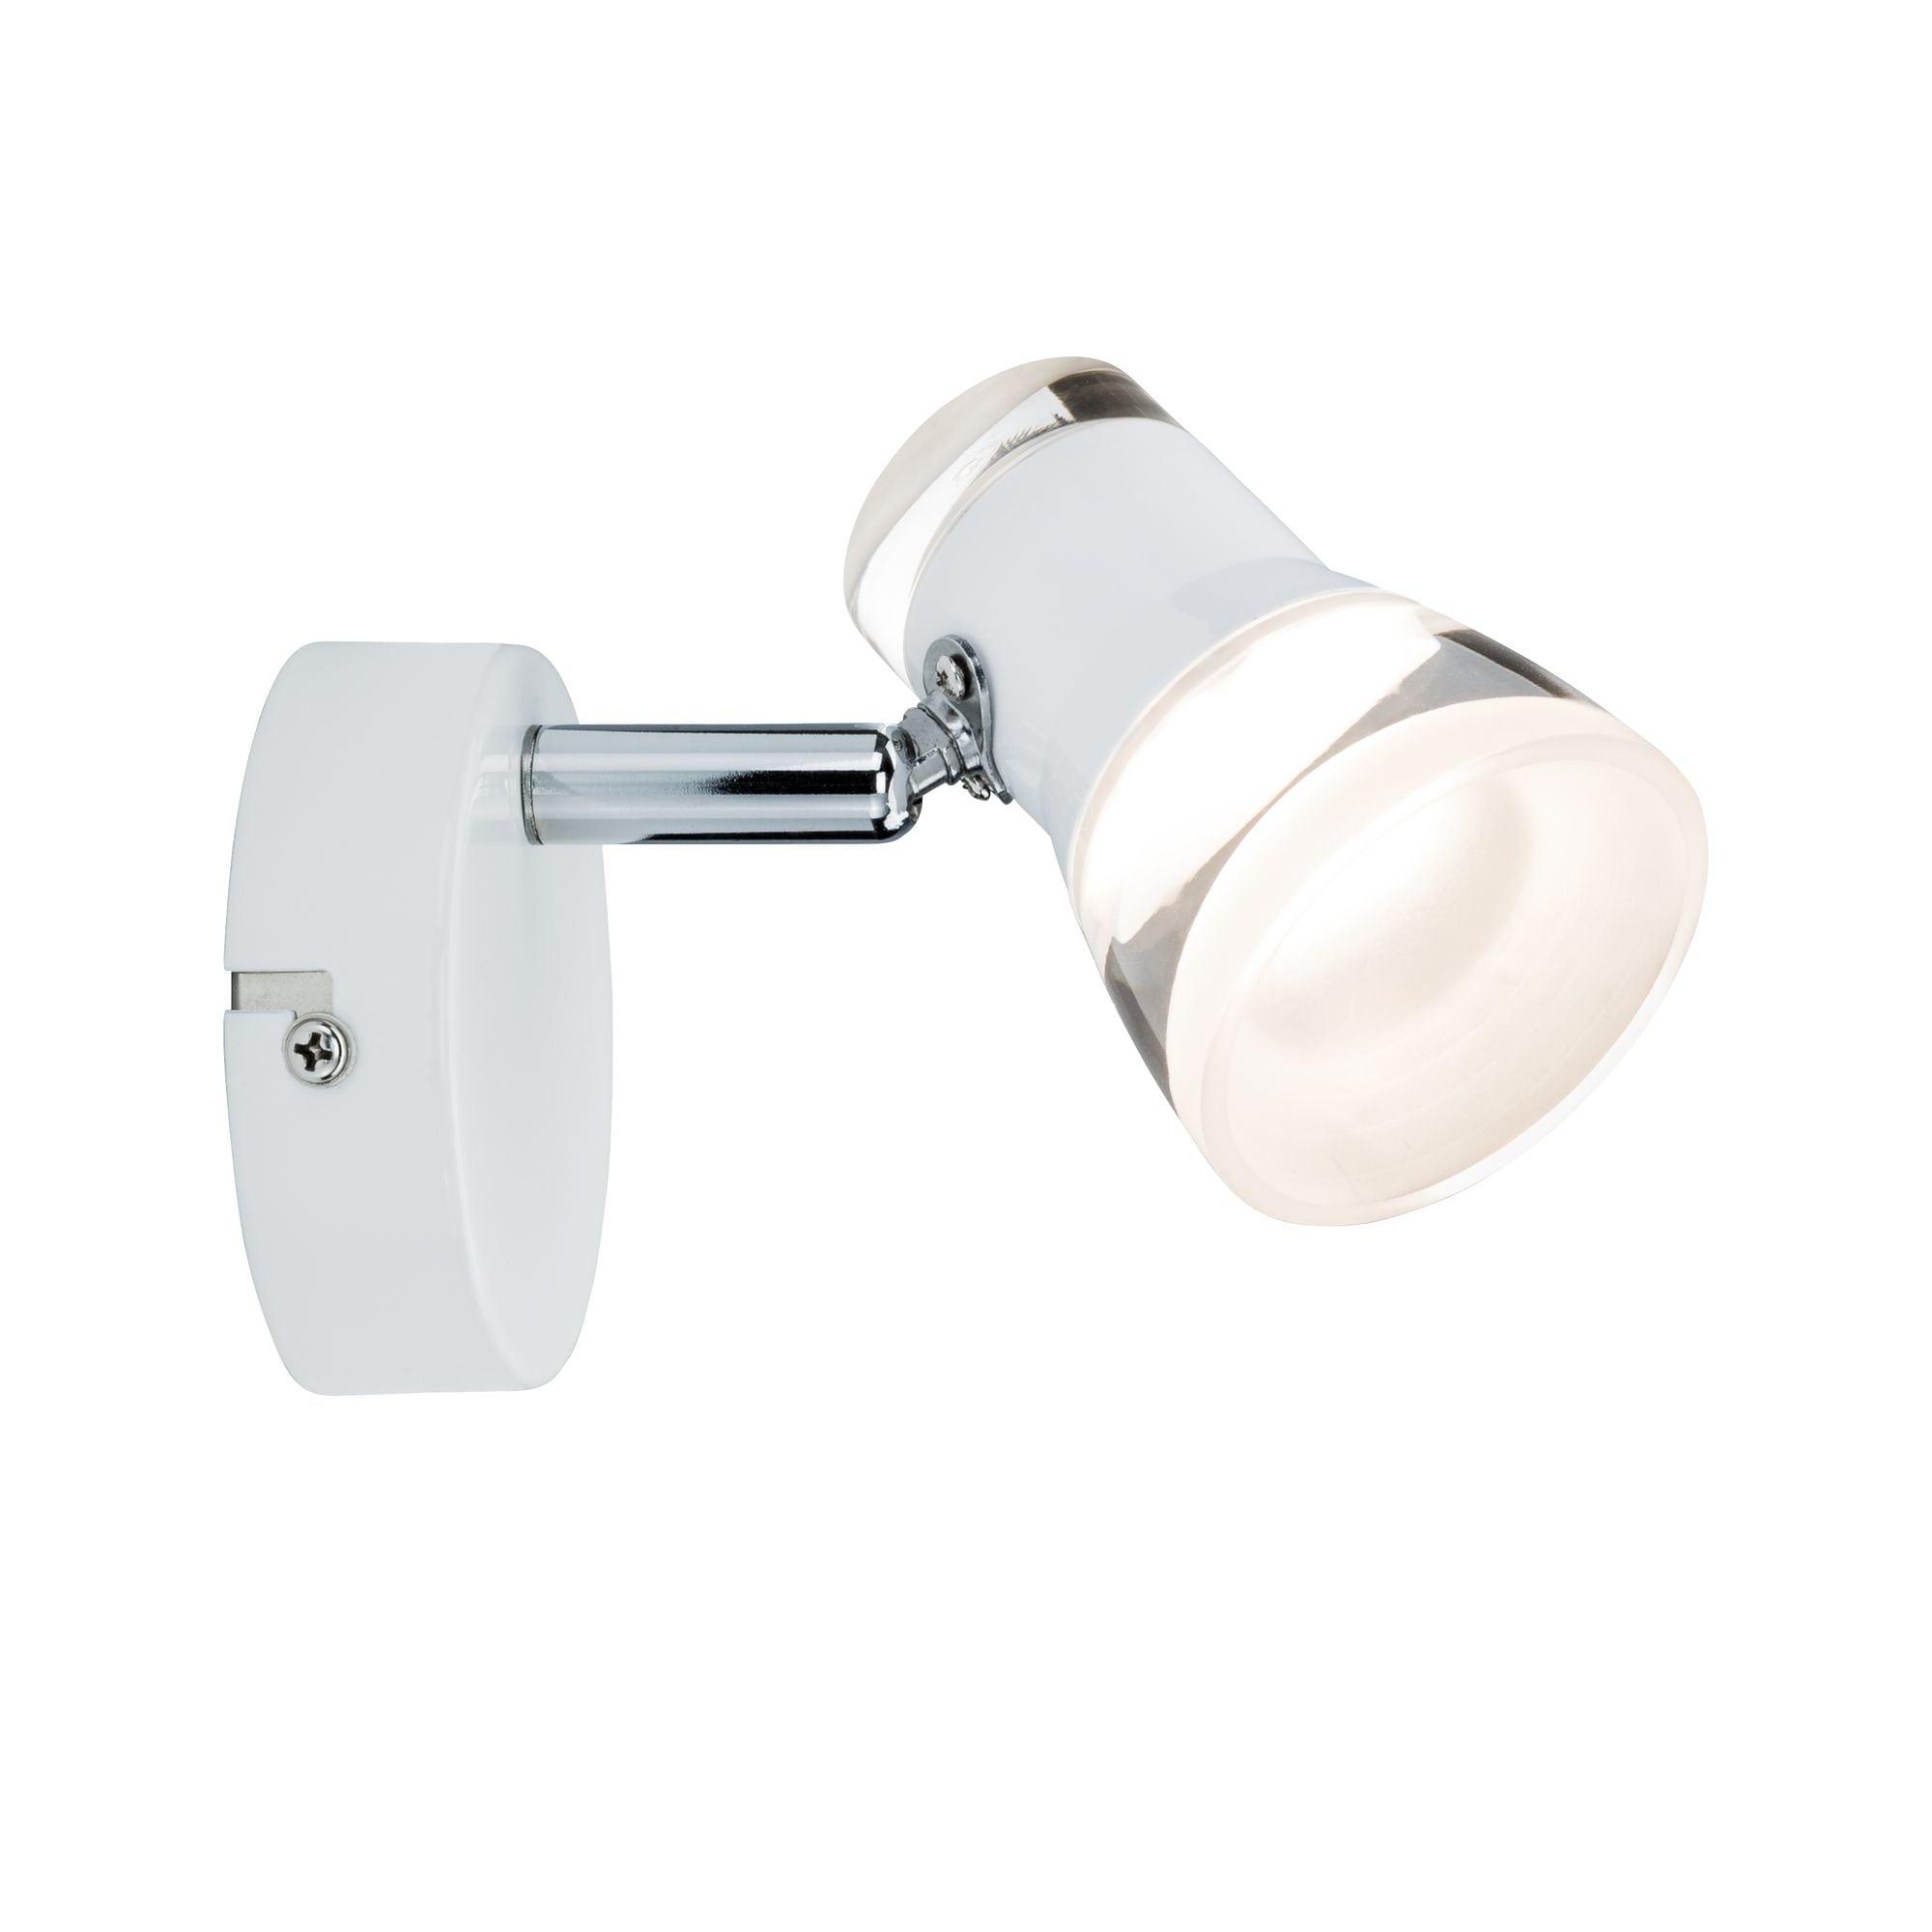 Paulmann,LED Wandstrahler Clear Weiß/Chrom 1-flammig inkl. Leuchtmittel 1x4,3W